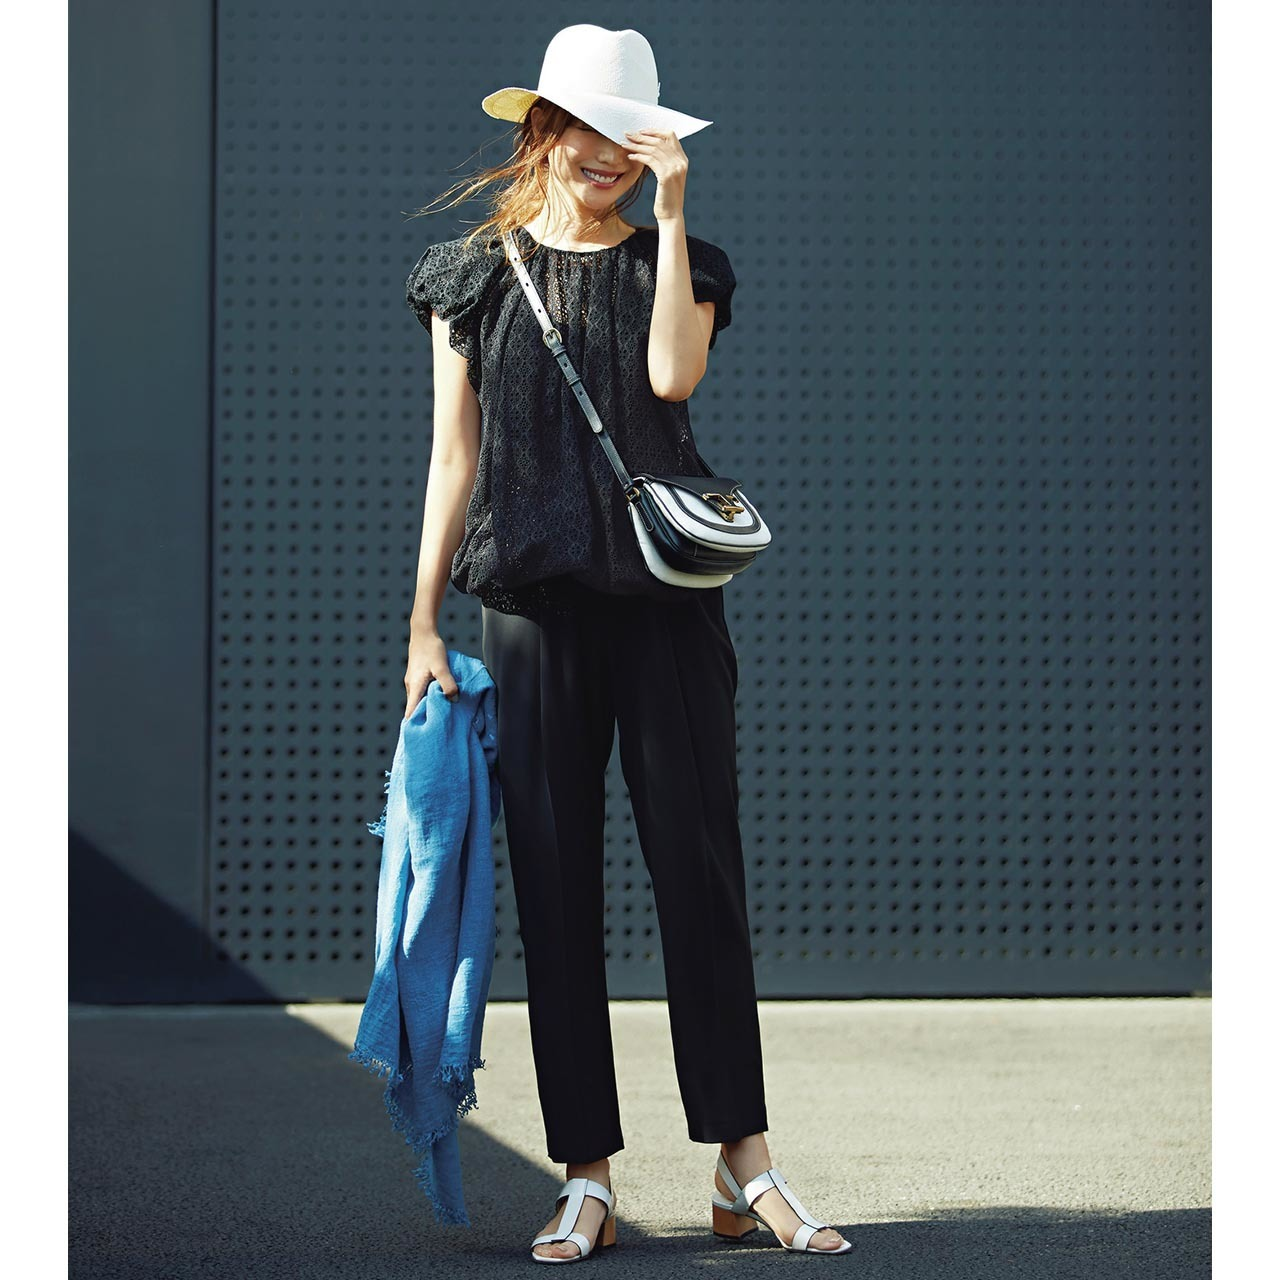 ■帽子×レースブラウス×黒パンツコーデ